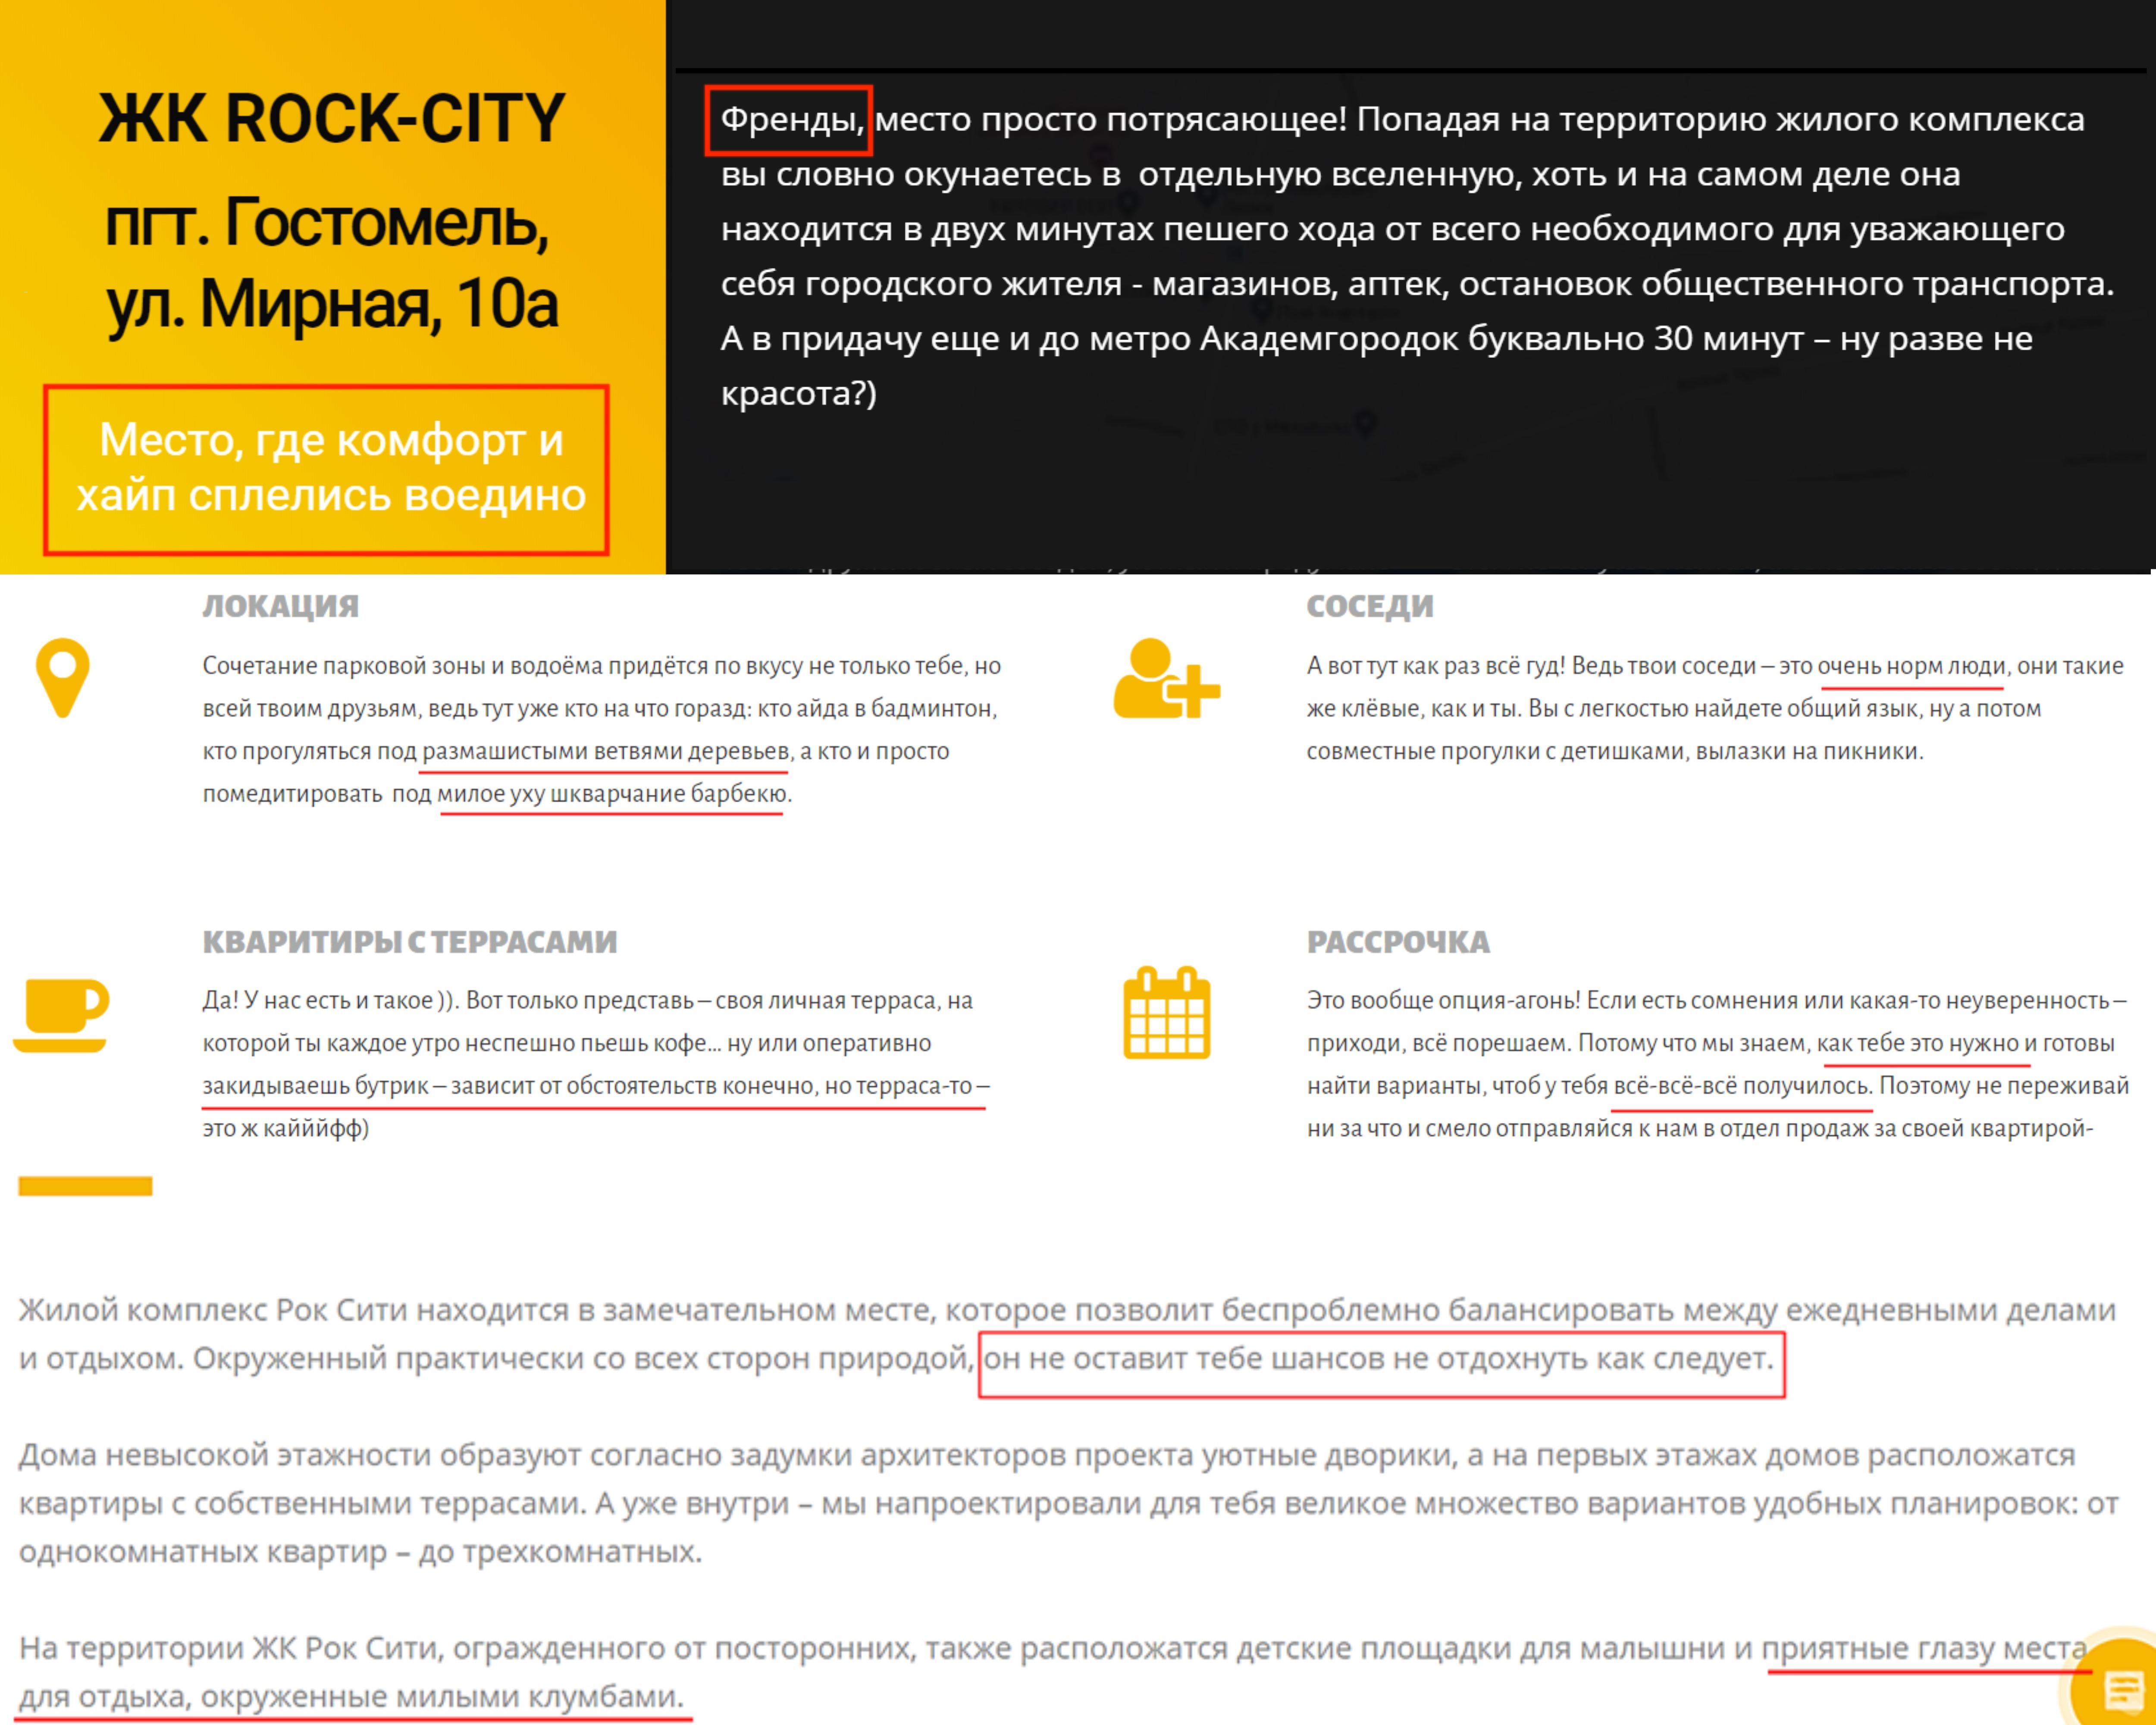 ЖК Рок Сити в Гостомеле сайт официальный